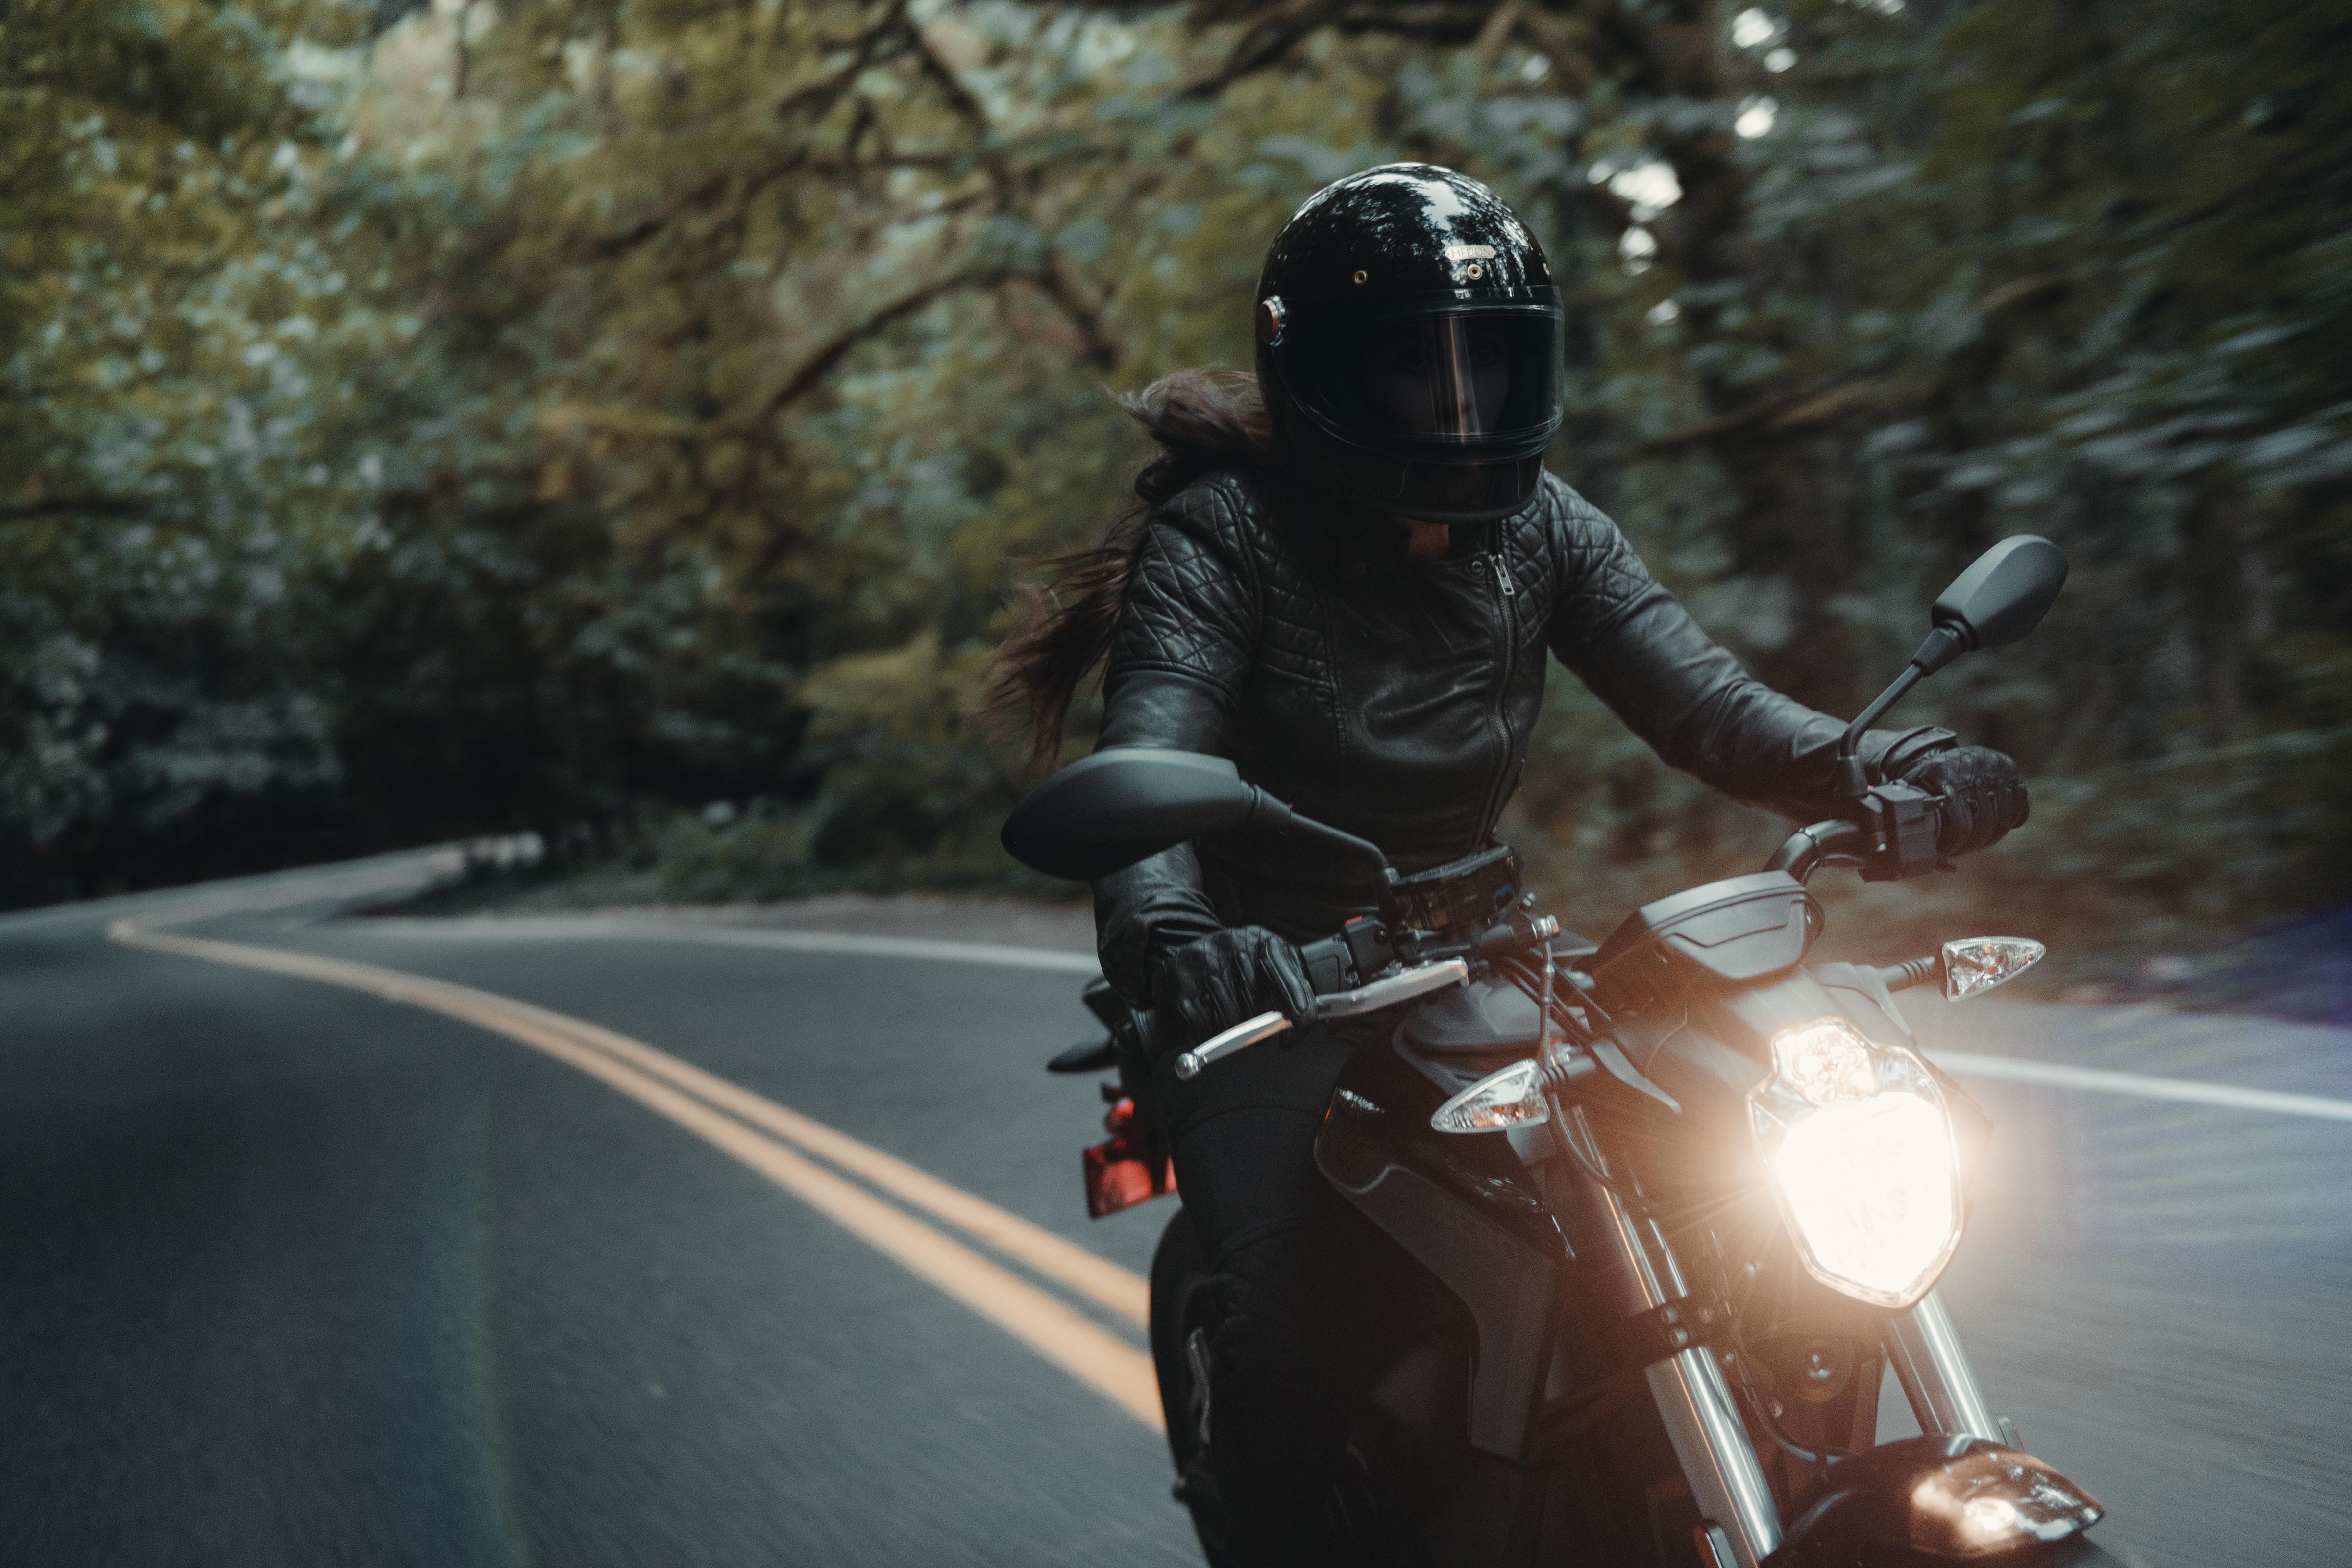 2019 Zero S Electric Motorcycle: